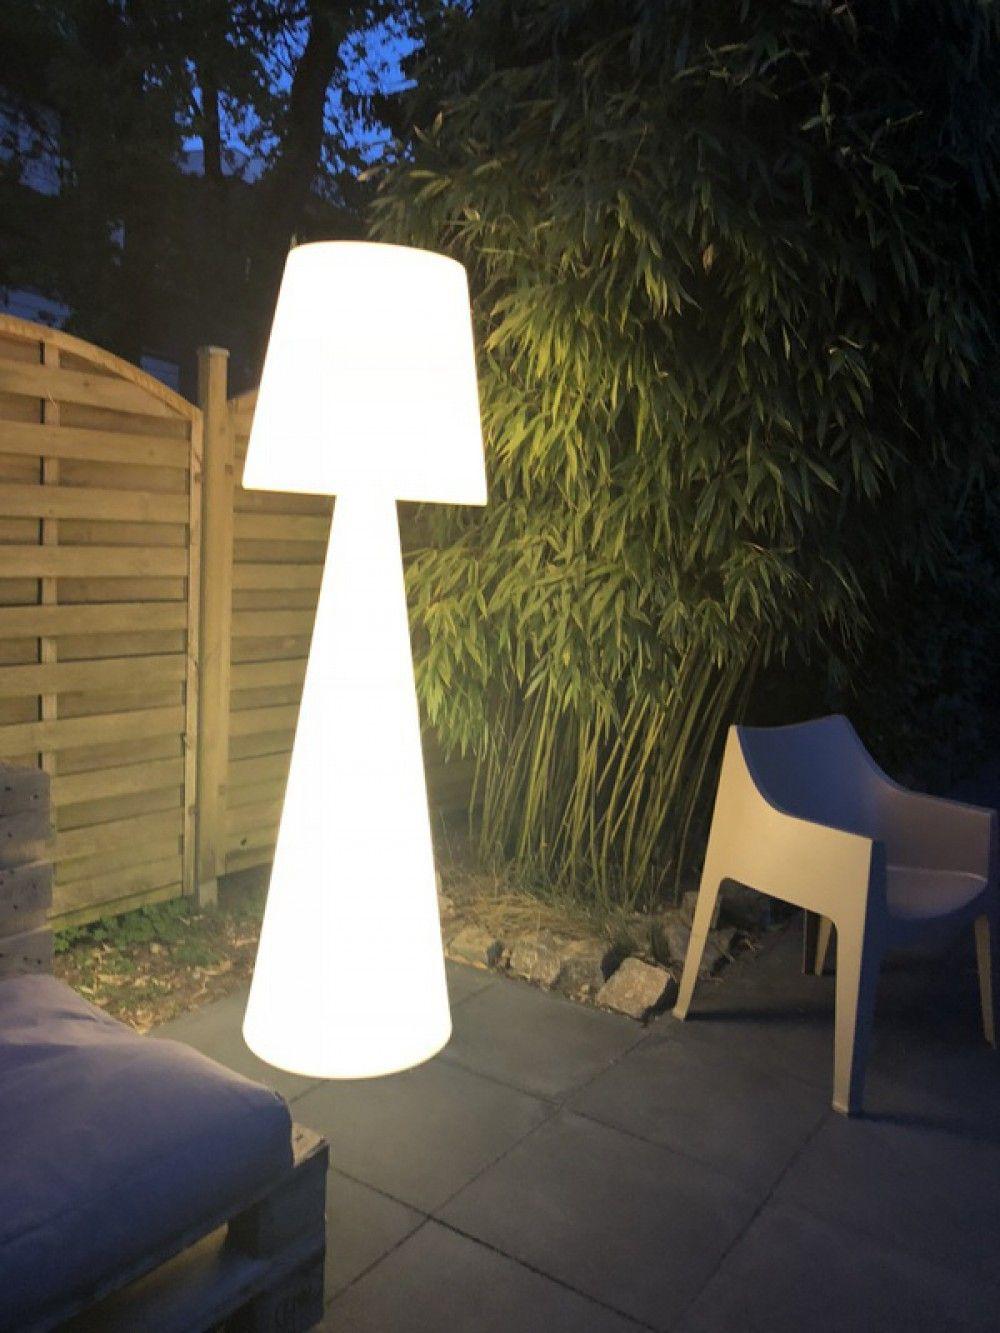 Stehleuchte Aus Kunststoff Outdoor Stehlampe Mit Lampenschirm Weiss Hohe 145 Cm Standleuchten Aussen Aussenleuchte Lampenschirm Weiss Stehlampe Aussenleuchten